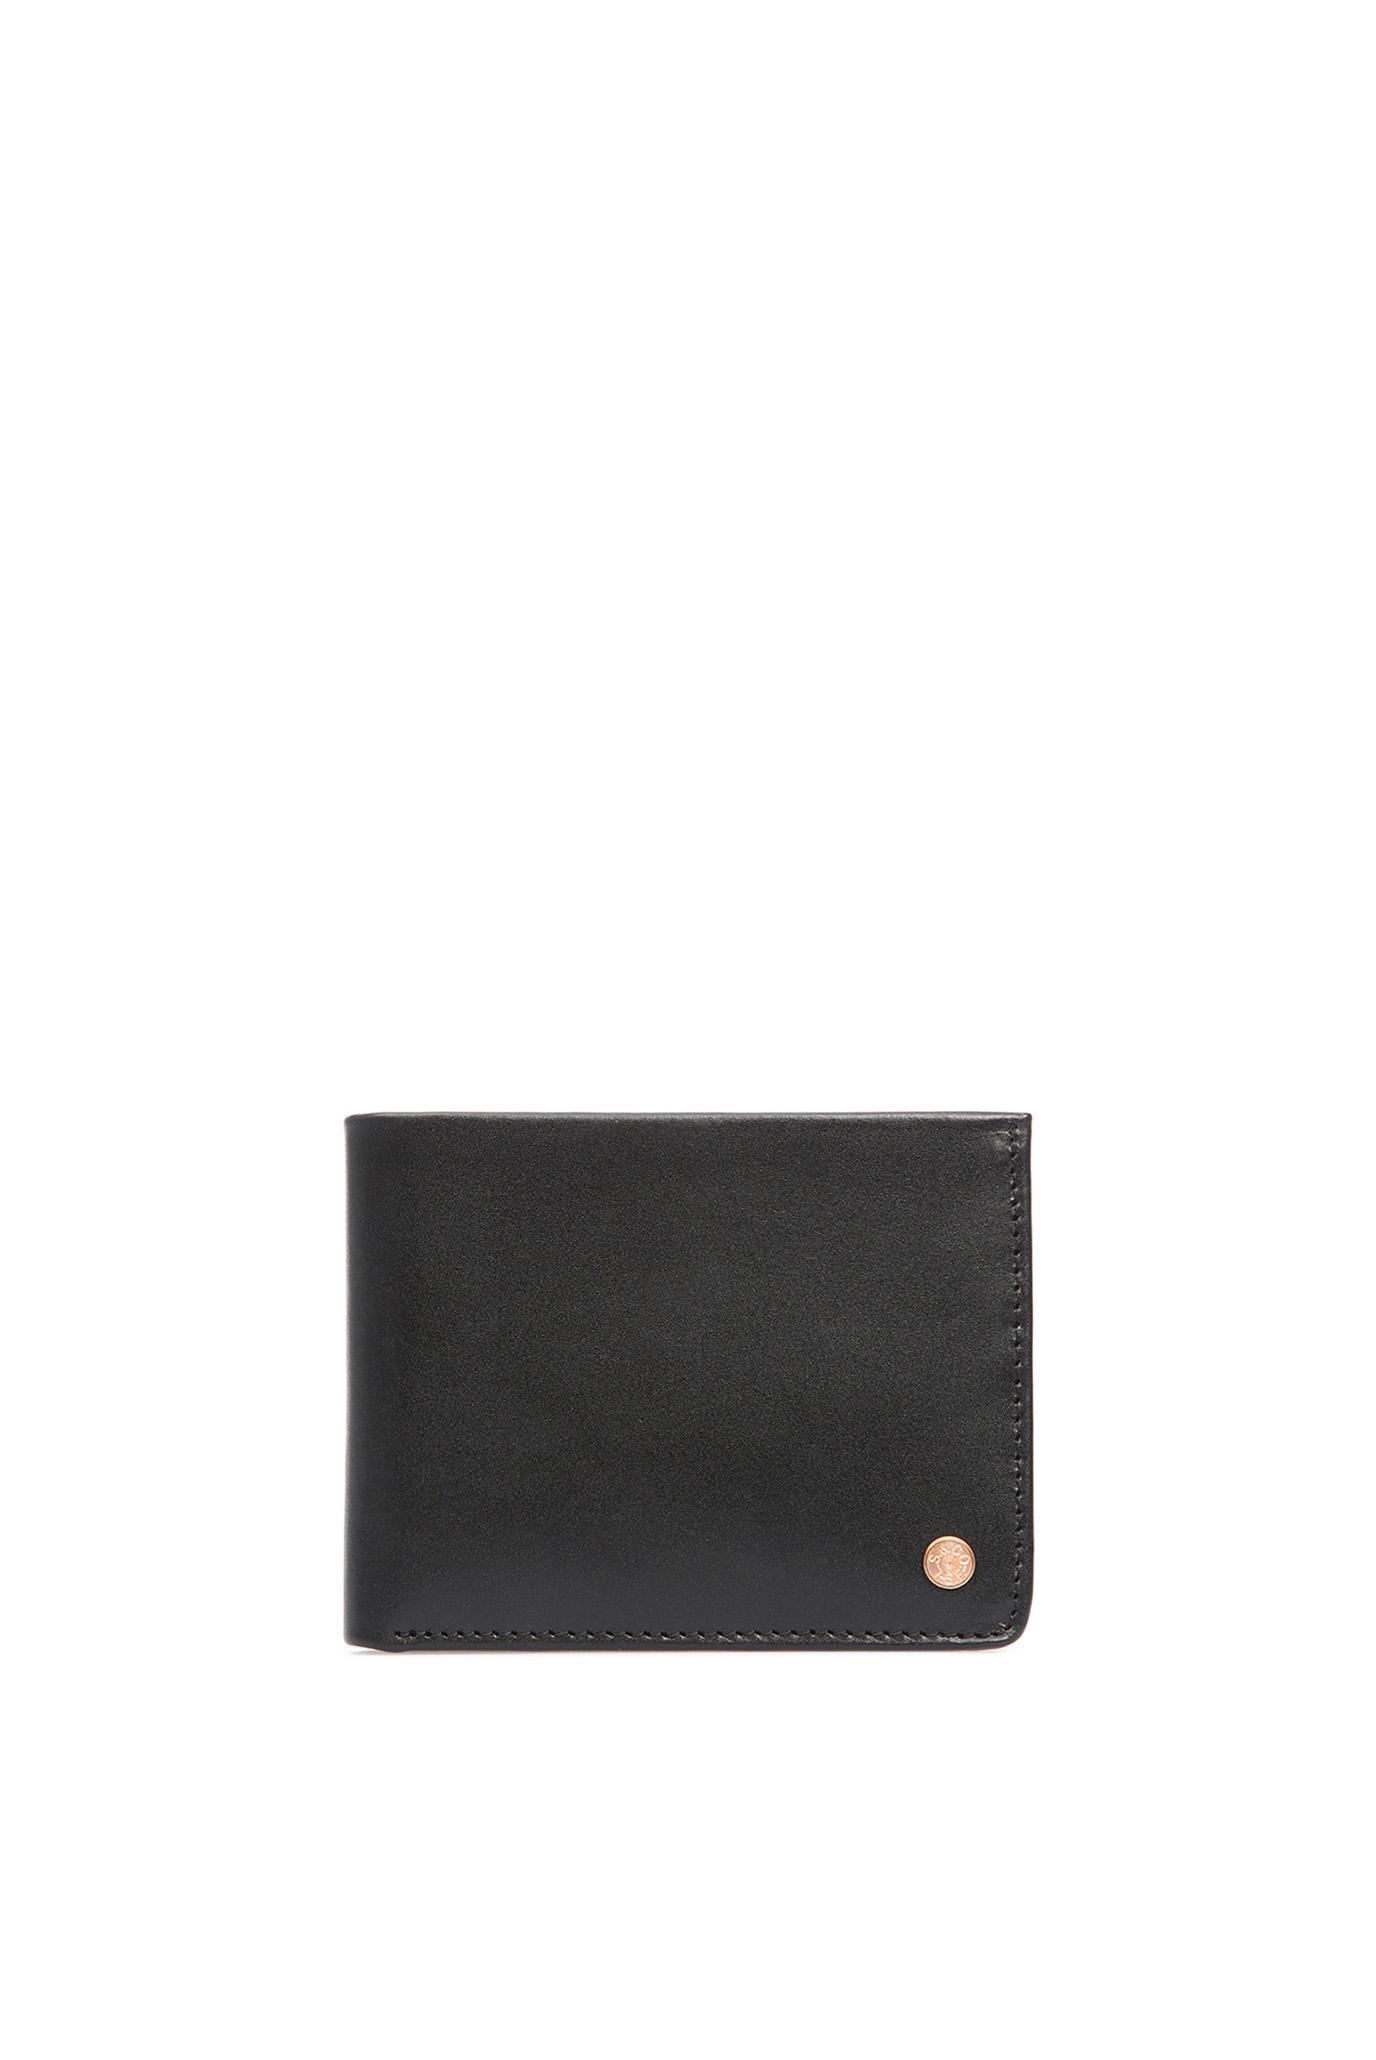 Мужской черный кожаный кошелек Levi's 229104;4.59